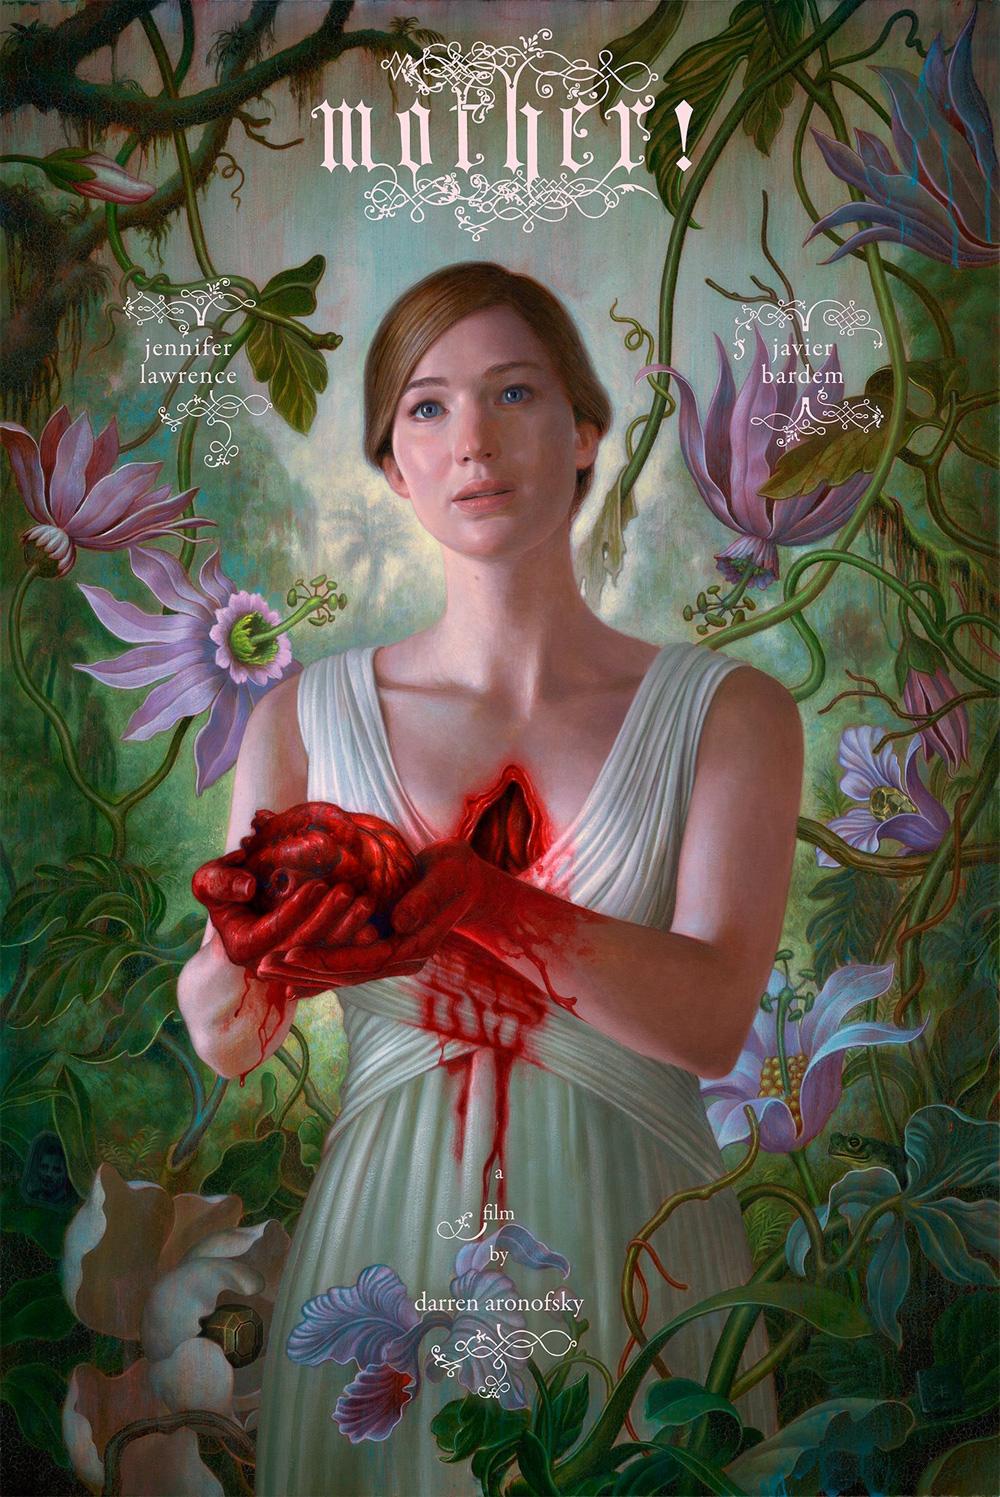 Mother! di Darren Aronofsky